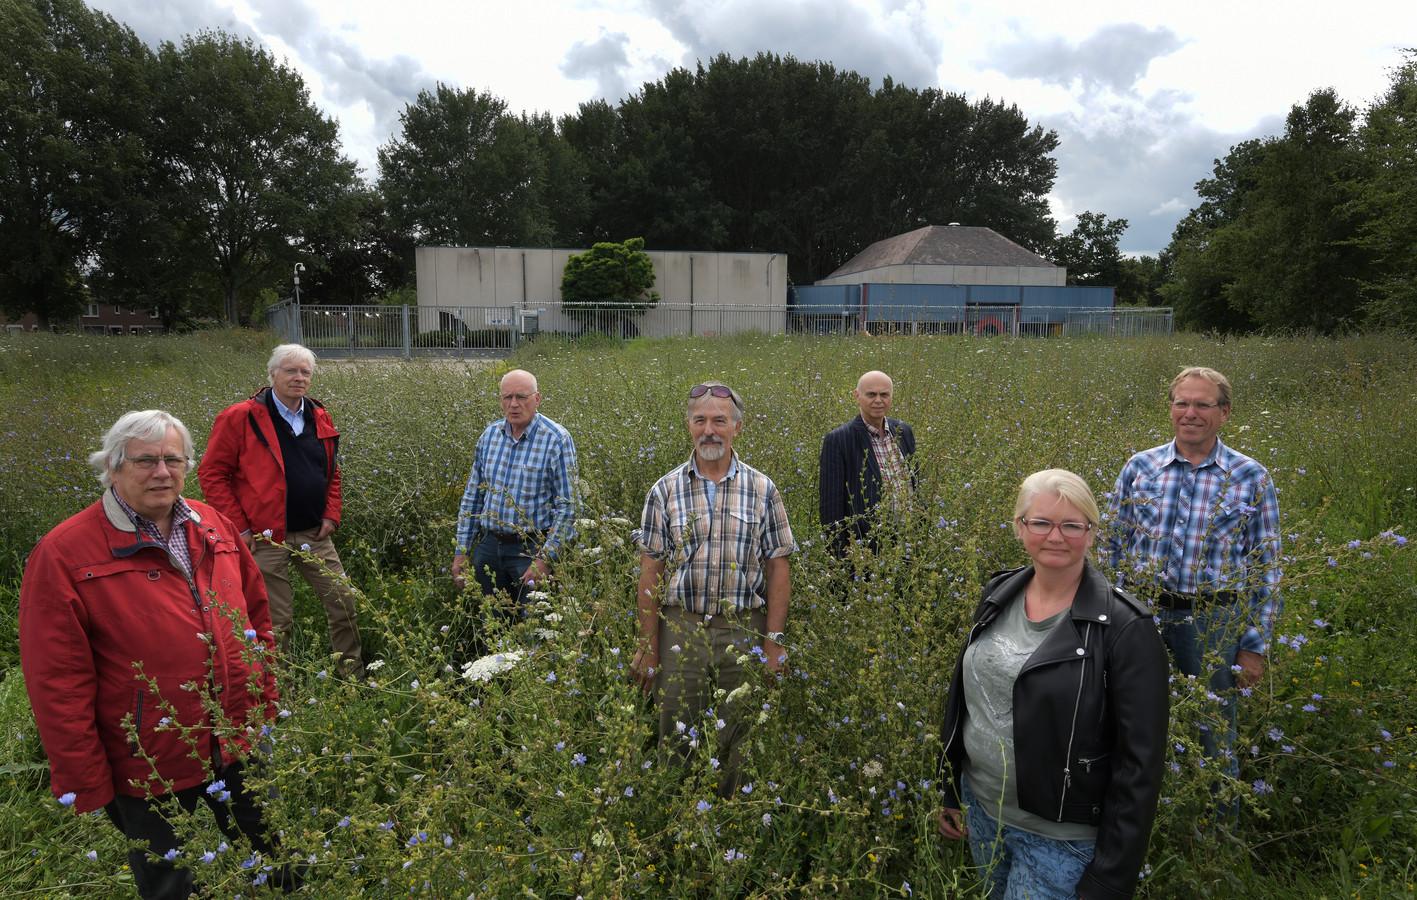 Vertegenwoordigers van de Kerngroep Bewoners Aardwarmte Nieuwegein (BAN) op de plek van de proefboring.